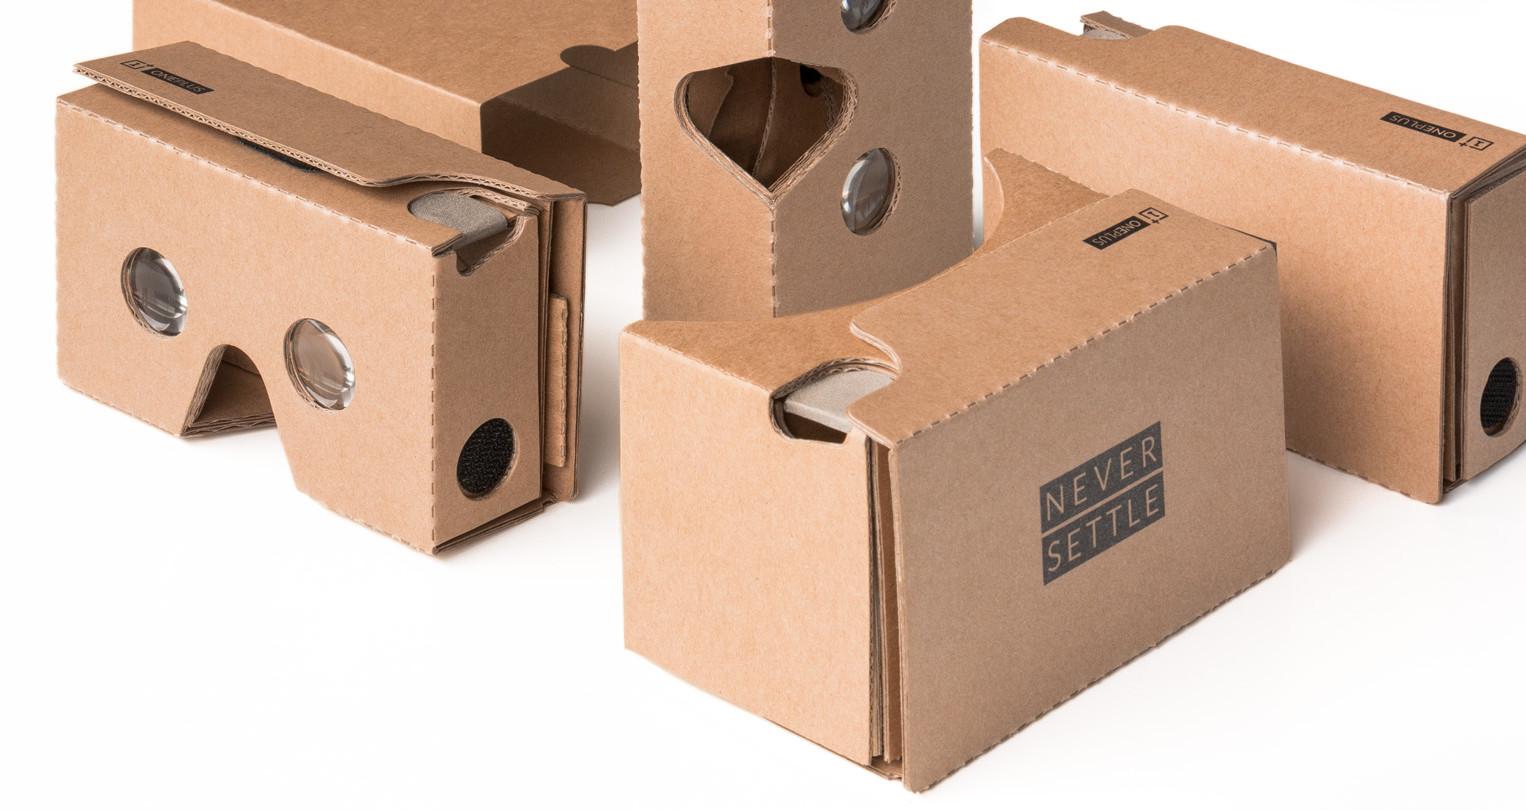 OnePlus offre des Cardboard améliorés pour la réalité virtuelle